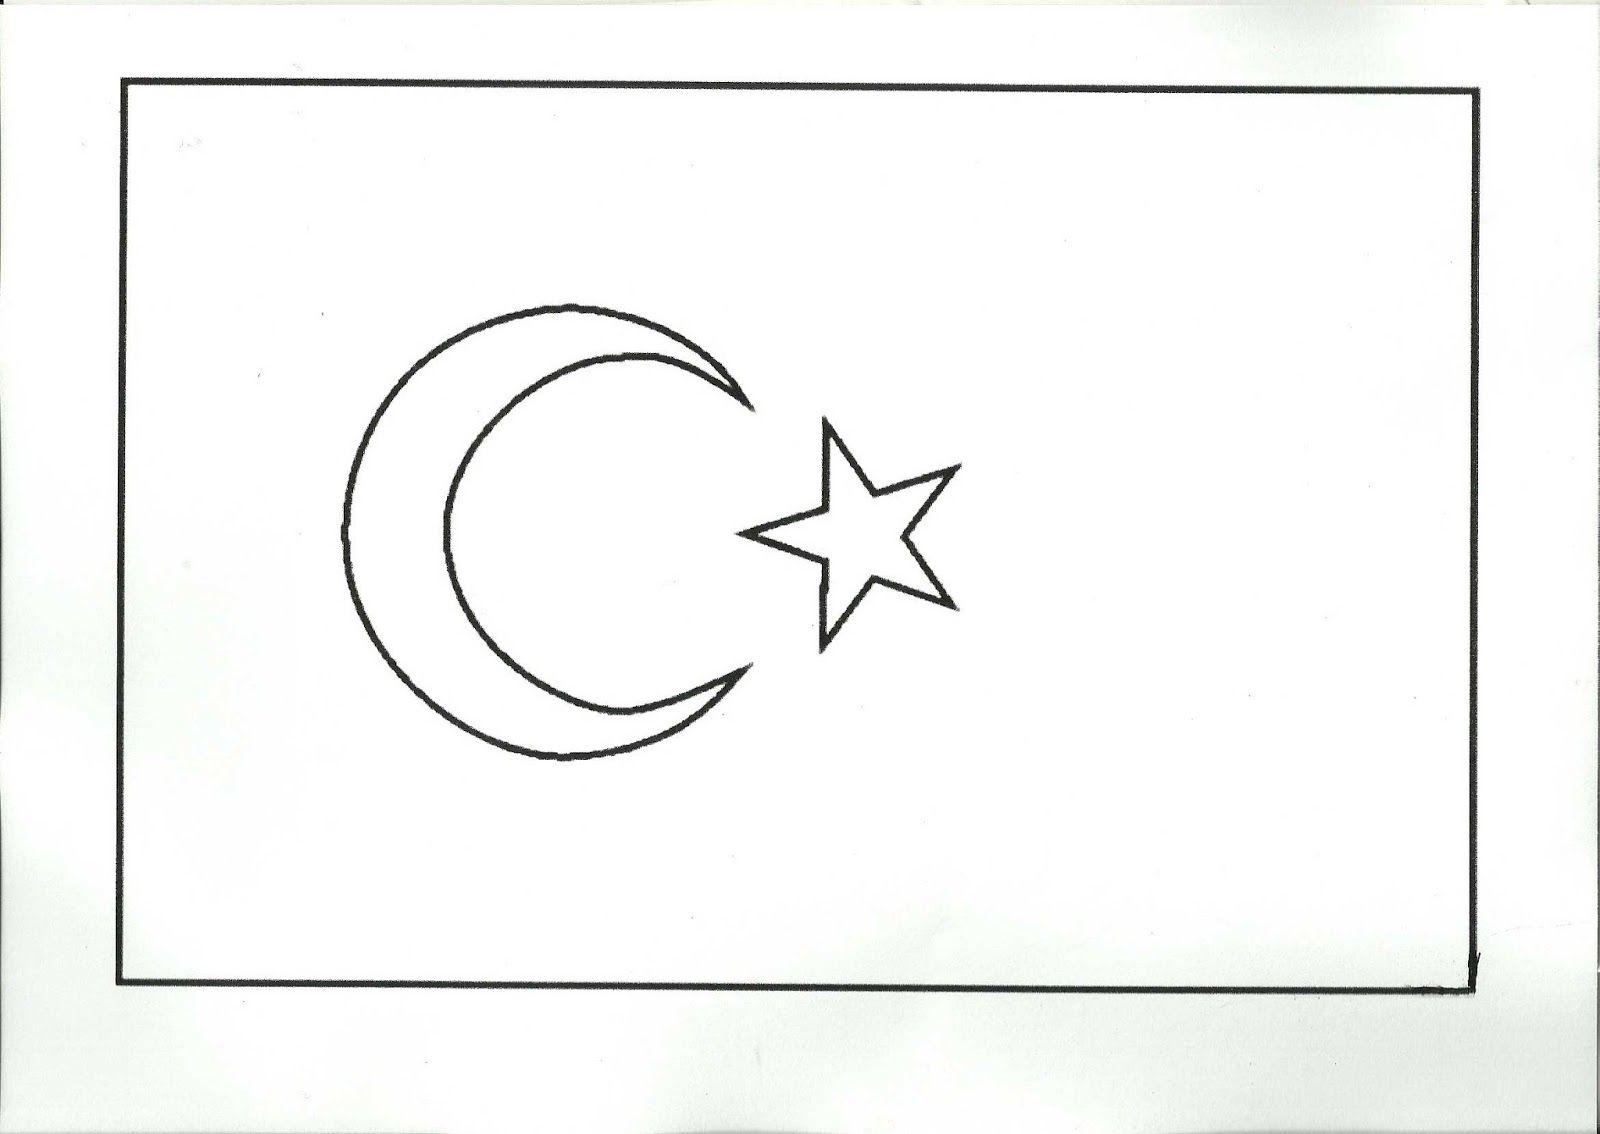 Türk Bayrağı Boyama Kağıdı çalışması Türk Bayrağı Resimleri 2019